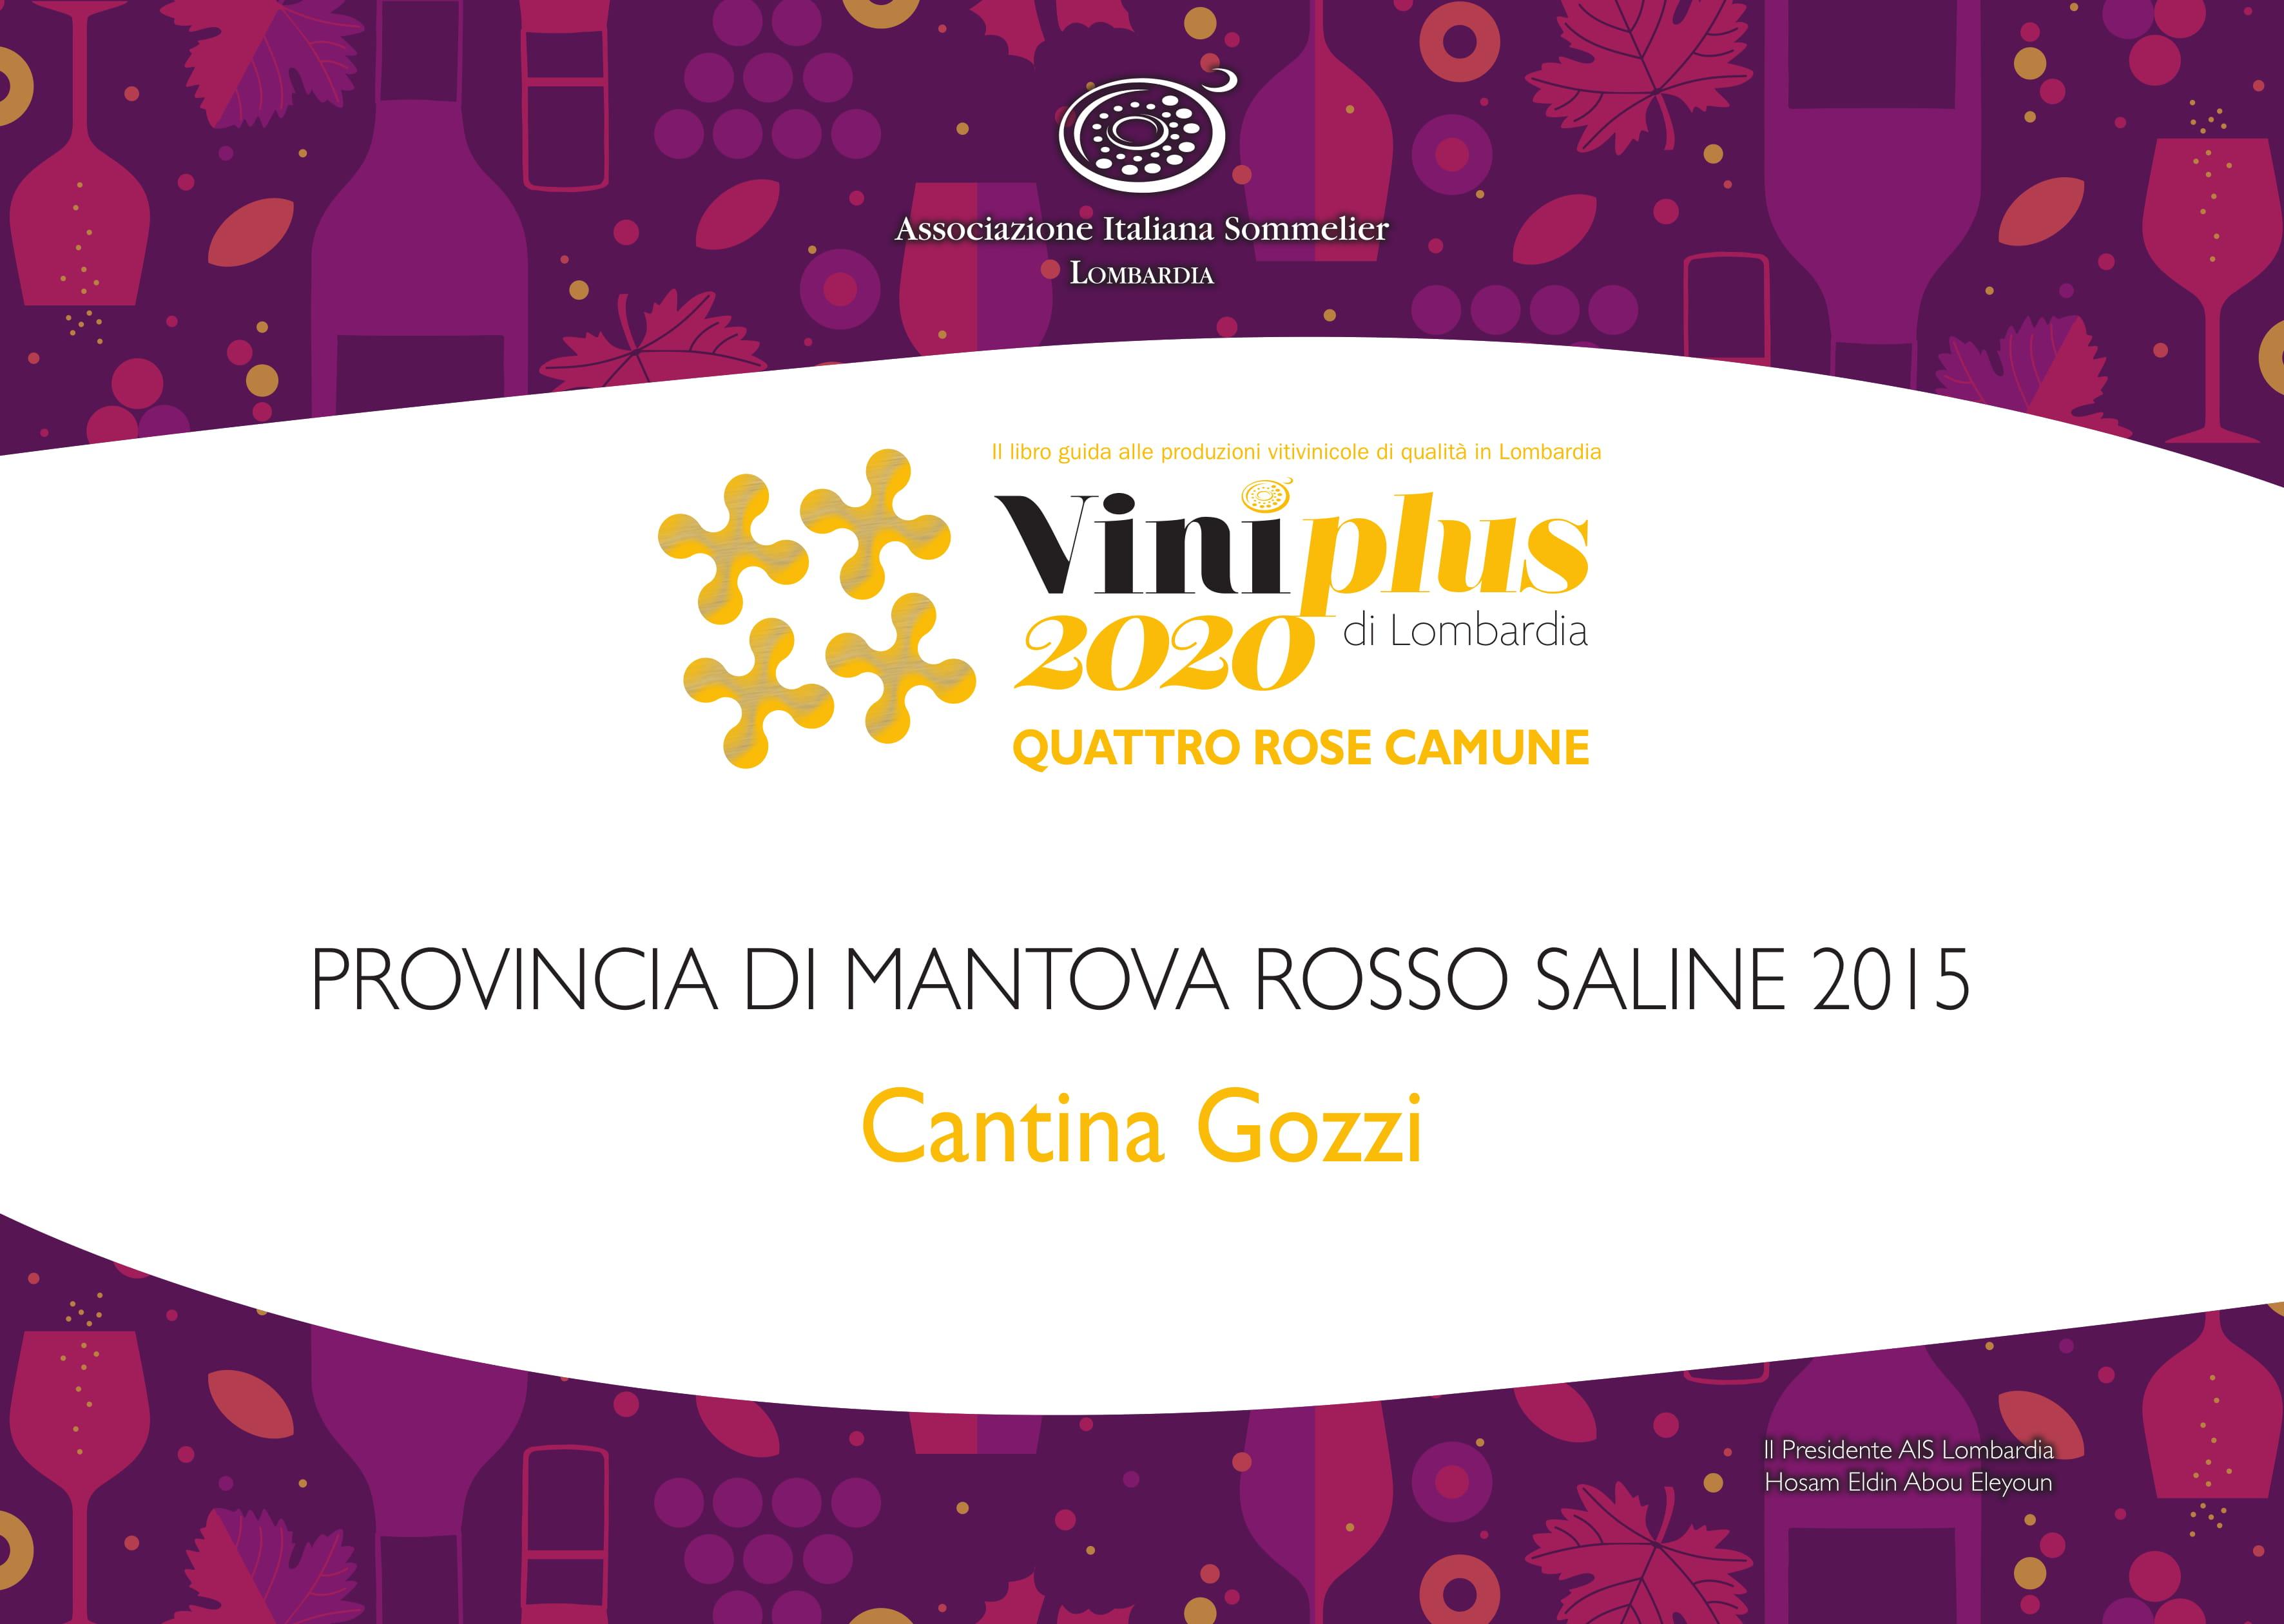 Viniplus 2020 4 rose camune_99_Cantina Gozzi-1